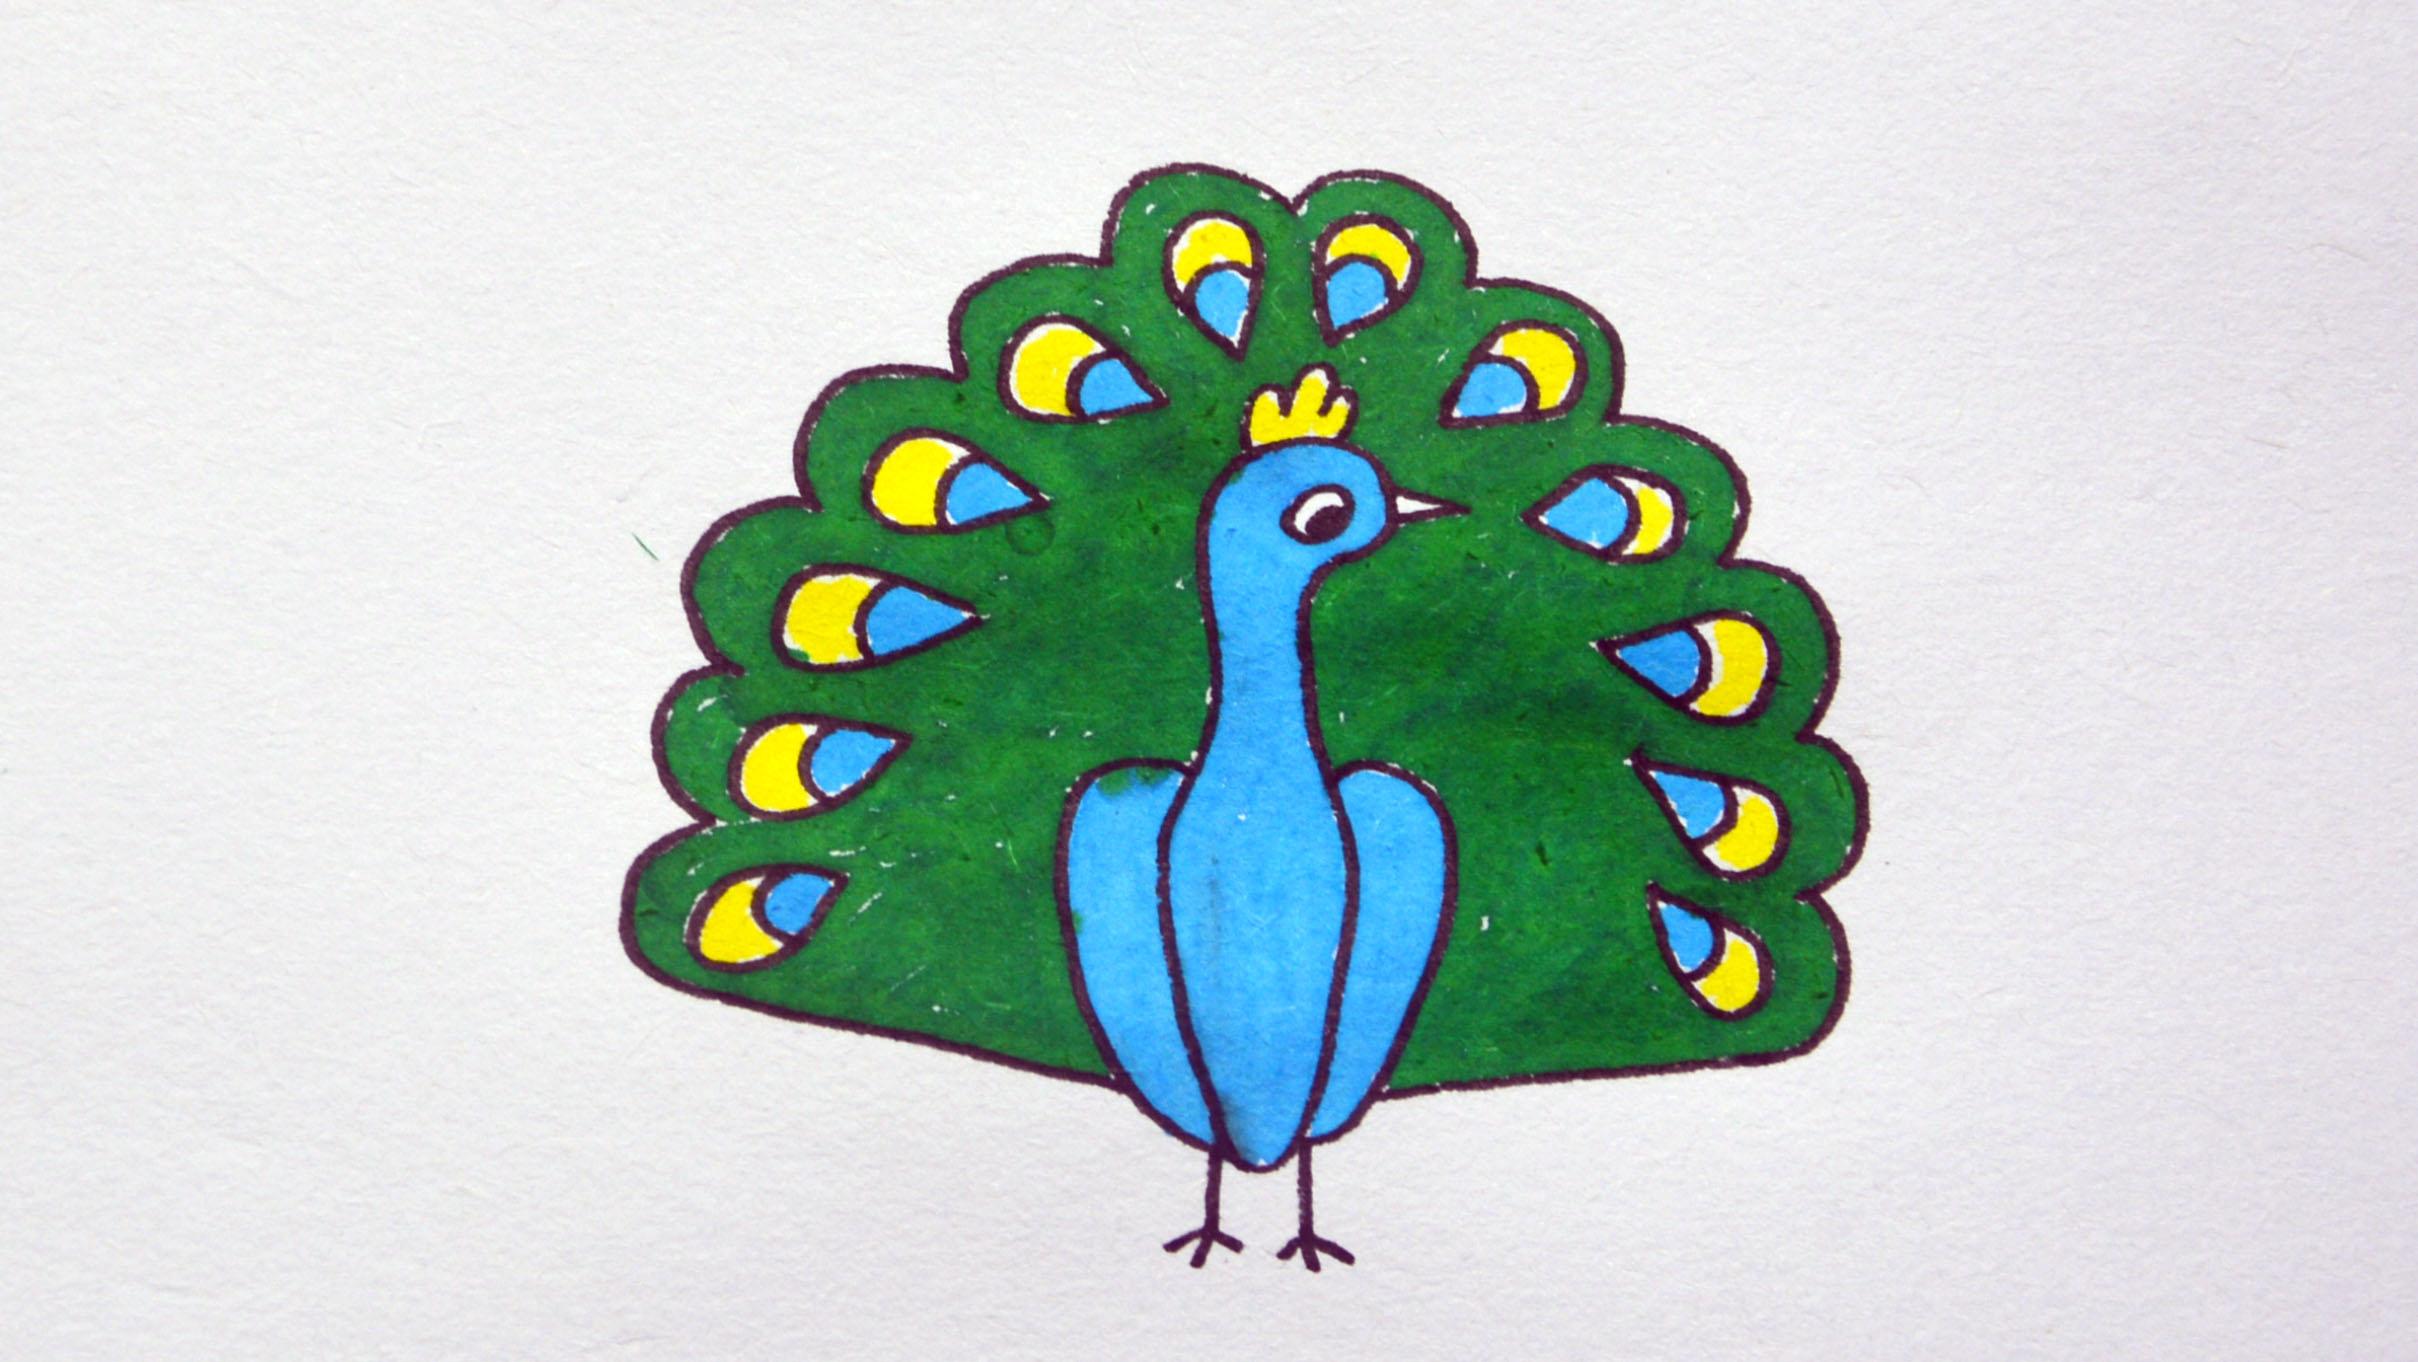 儿童简笔画孔雀,教孩子简单画出孔雀开屏简笔画 绘画